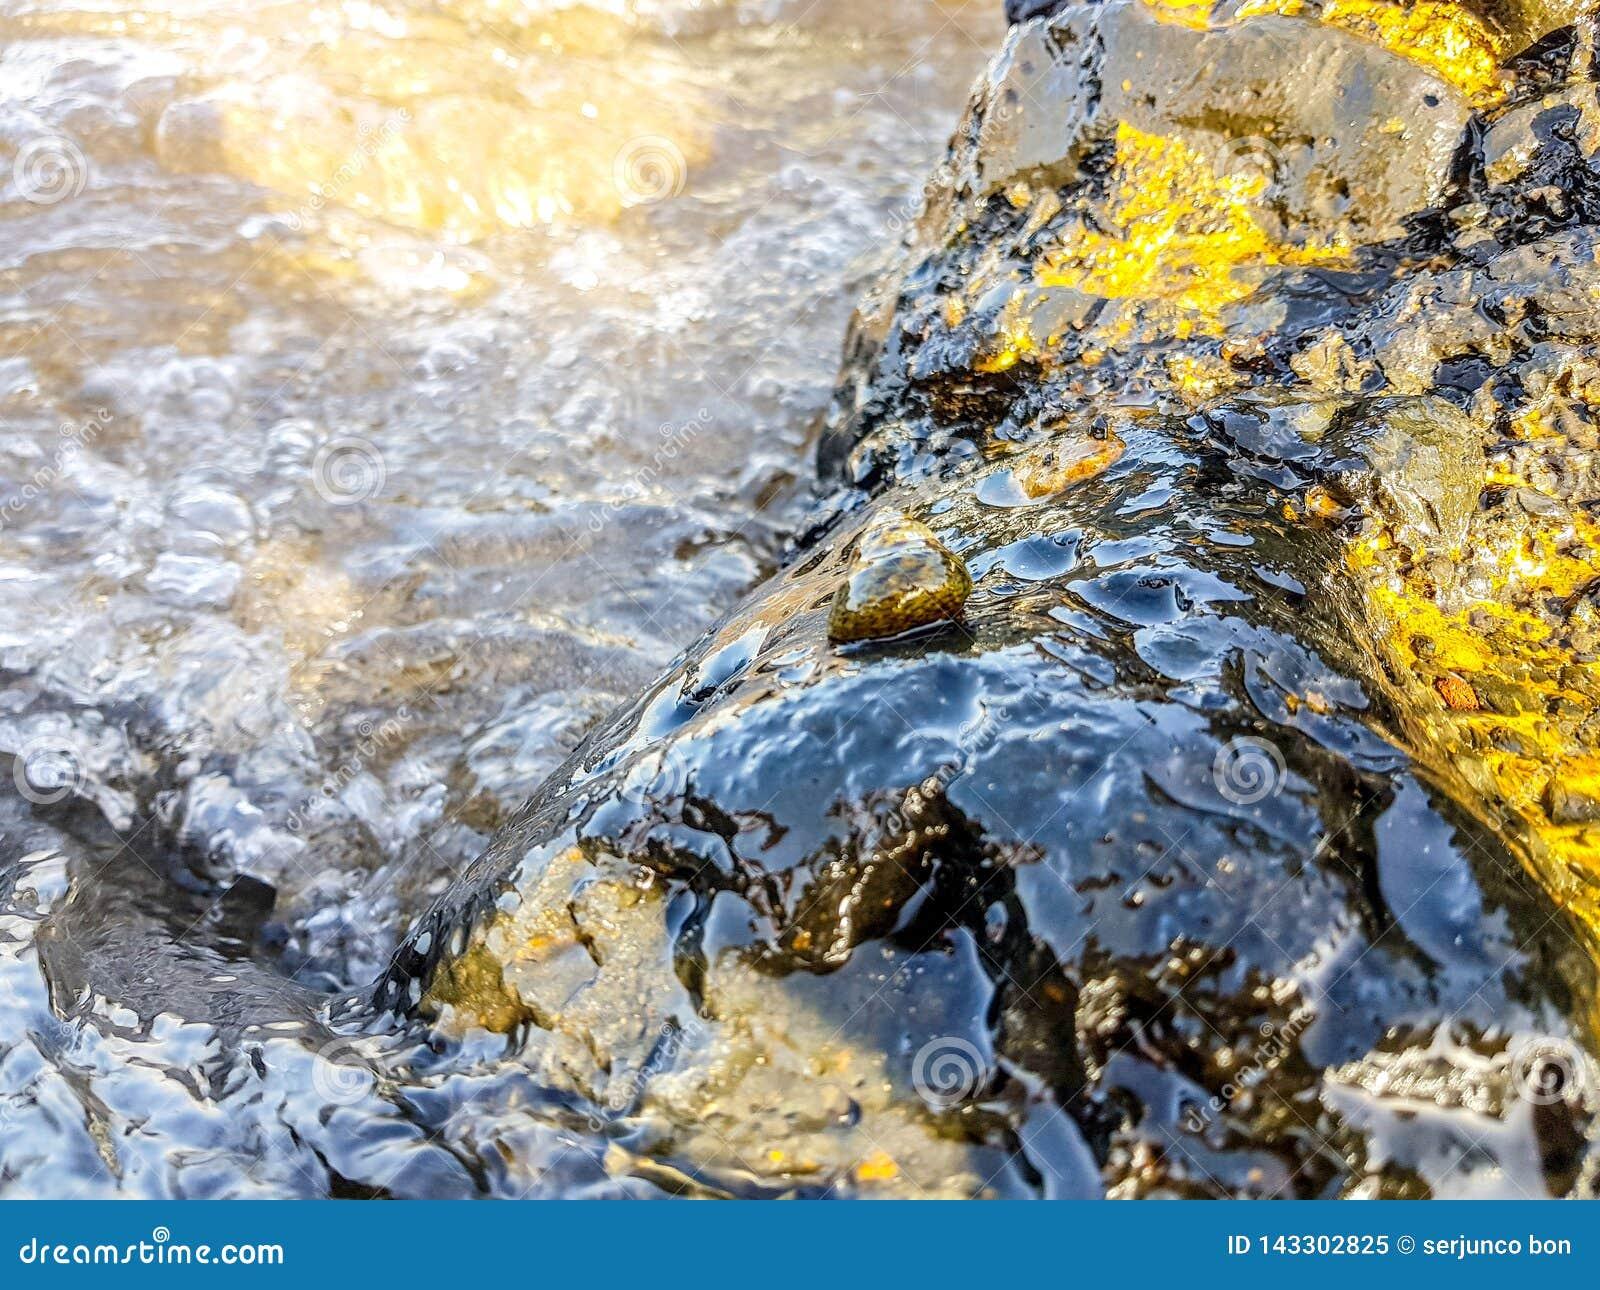 вулканические породы на береге моря влажного волнами и с улиткой моря в середине Новым переконструированная отпуском банкнота дол